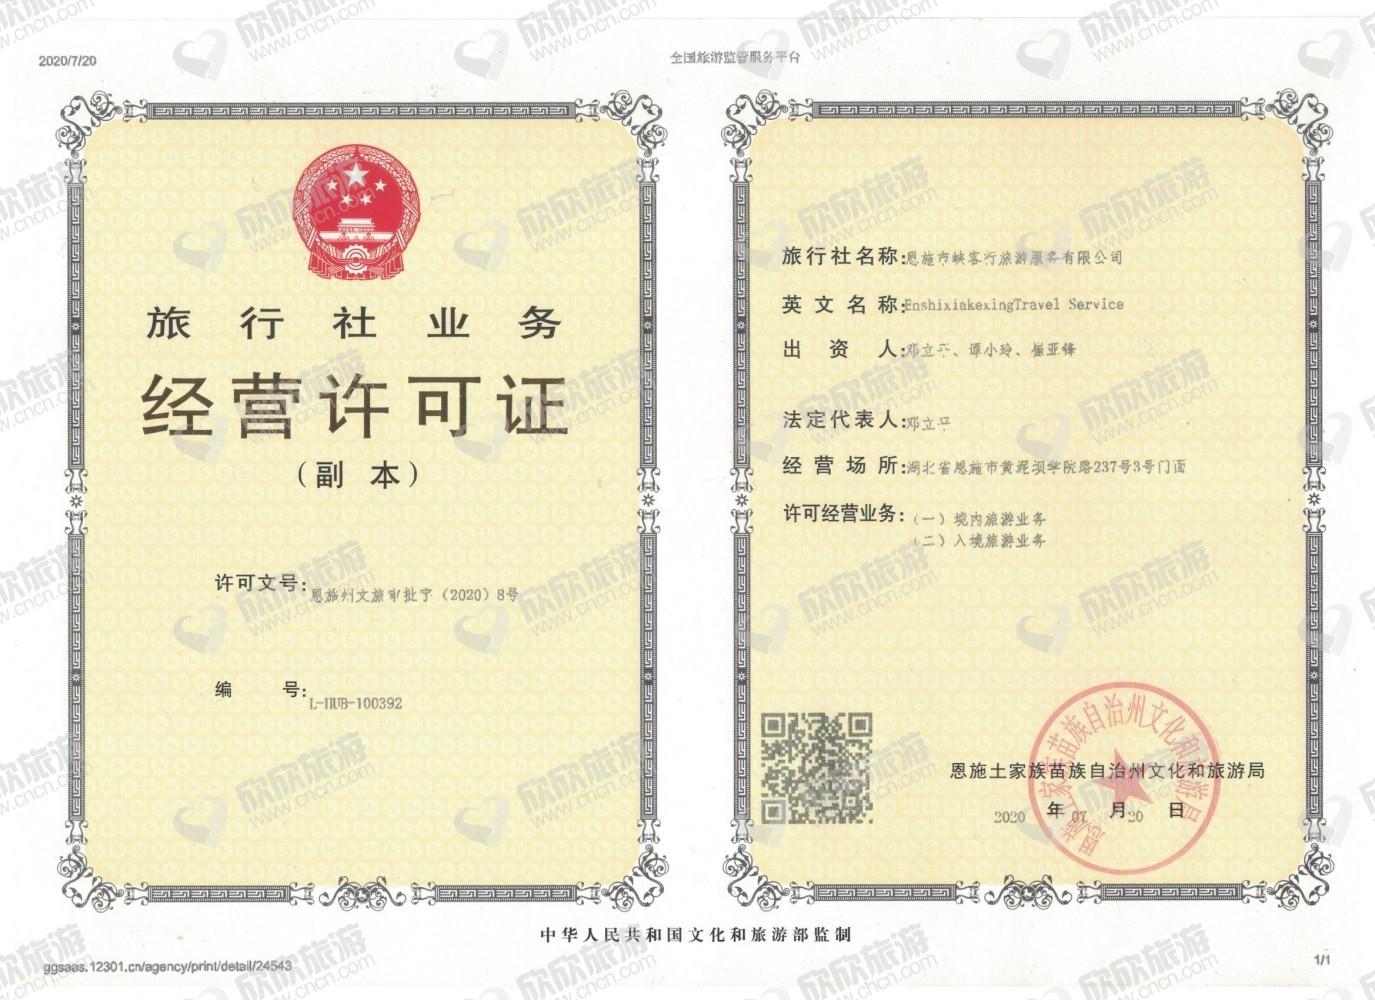 恩施市峡客行旅游服务有限公司经营许可证